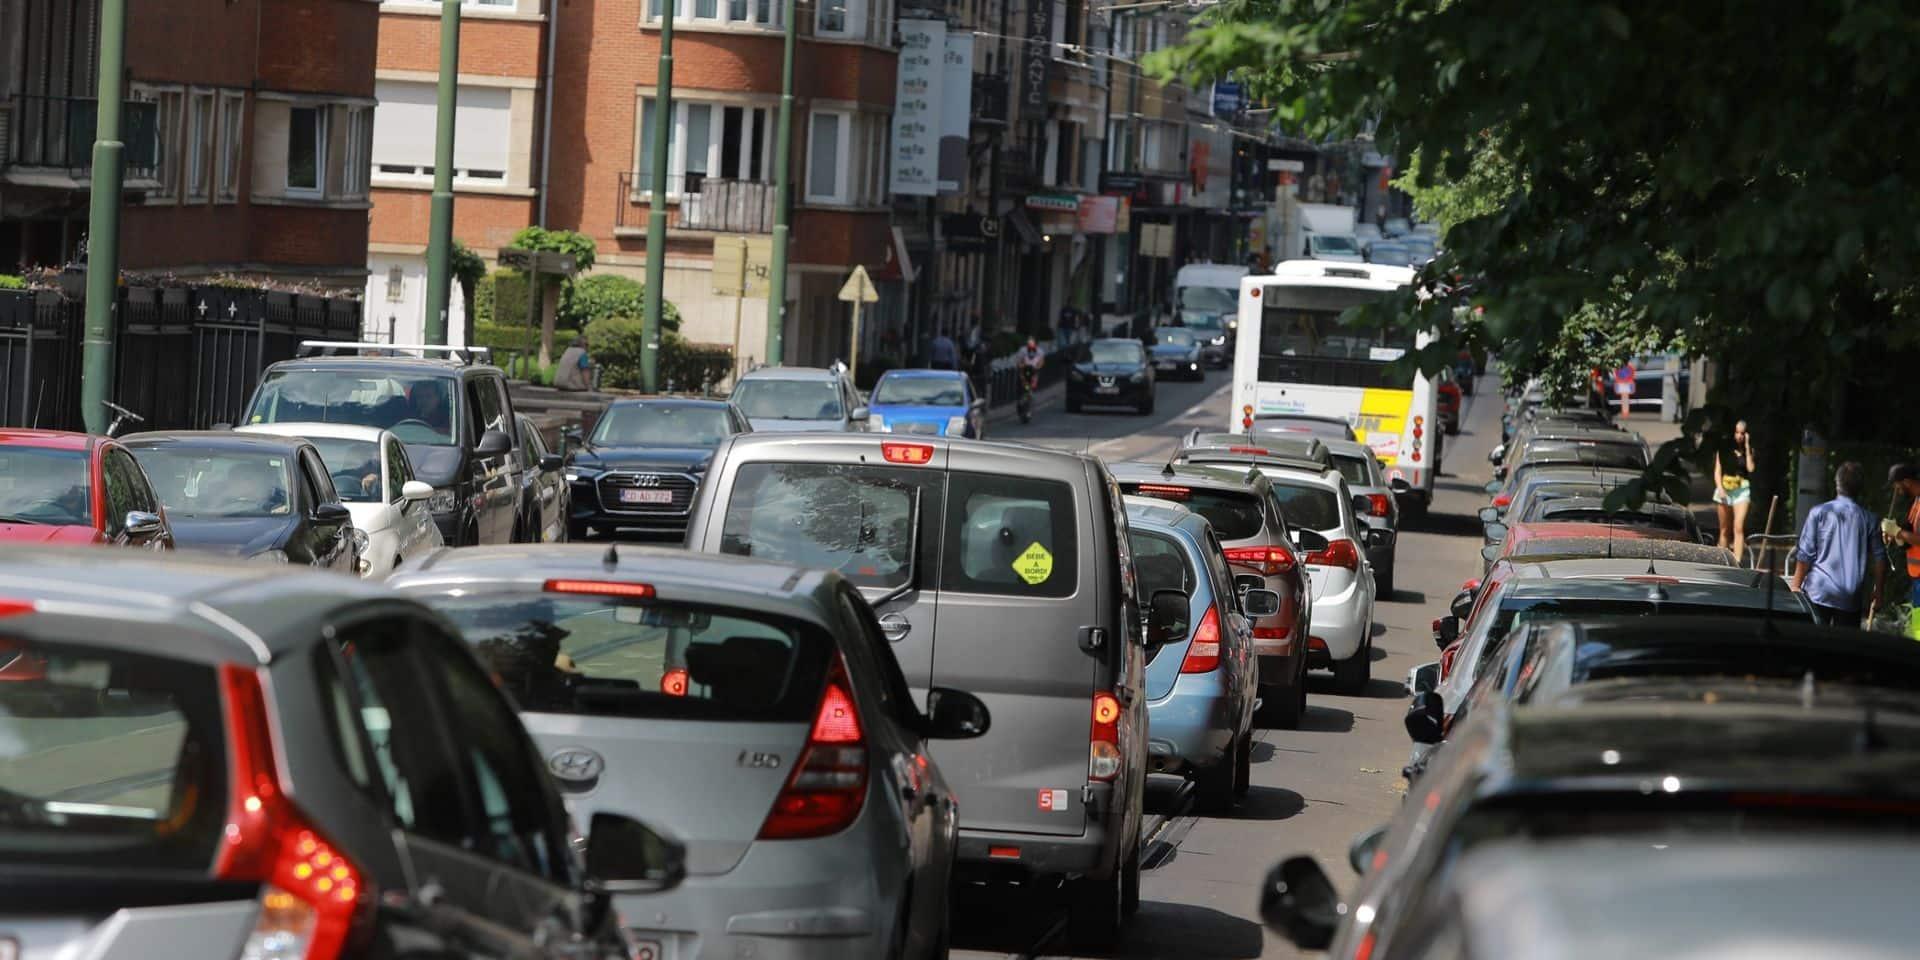 Fermeture du bois de la Cambre: inquiète, la Province du Brabant wallon écrira à la ville de Bruxelles